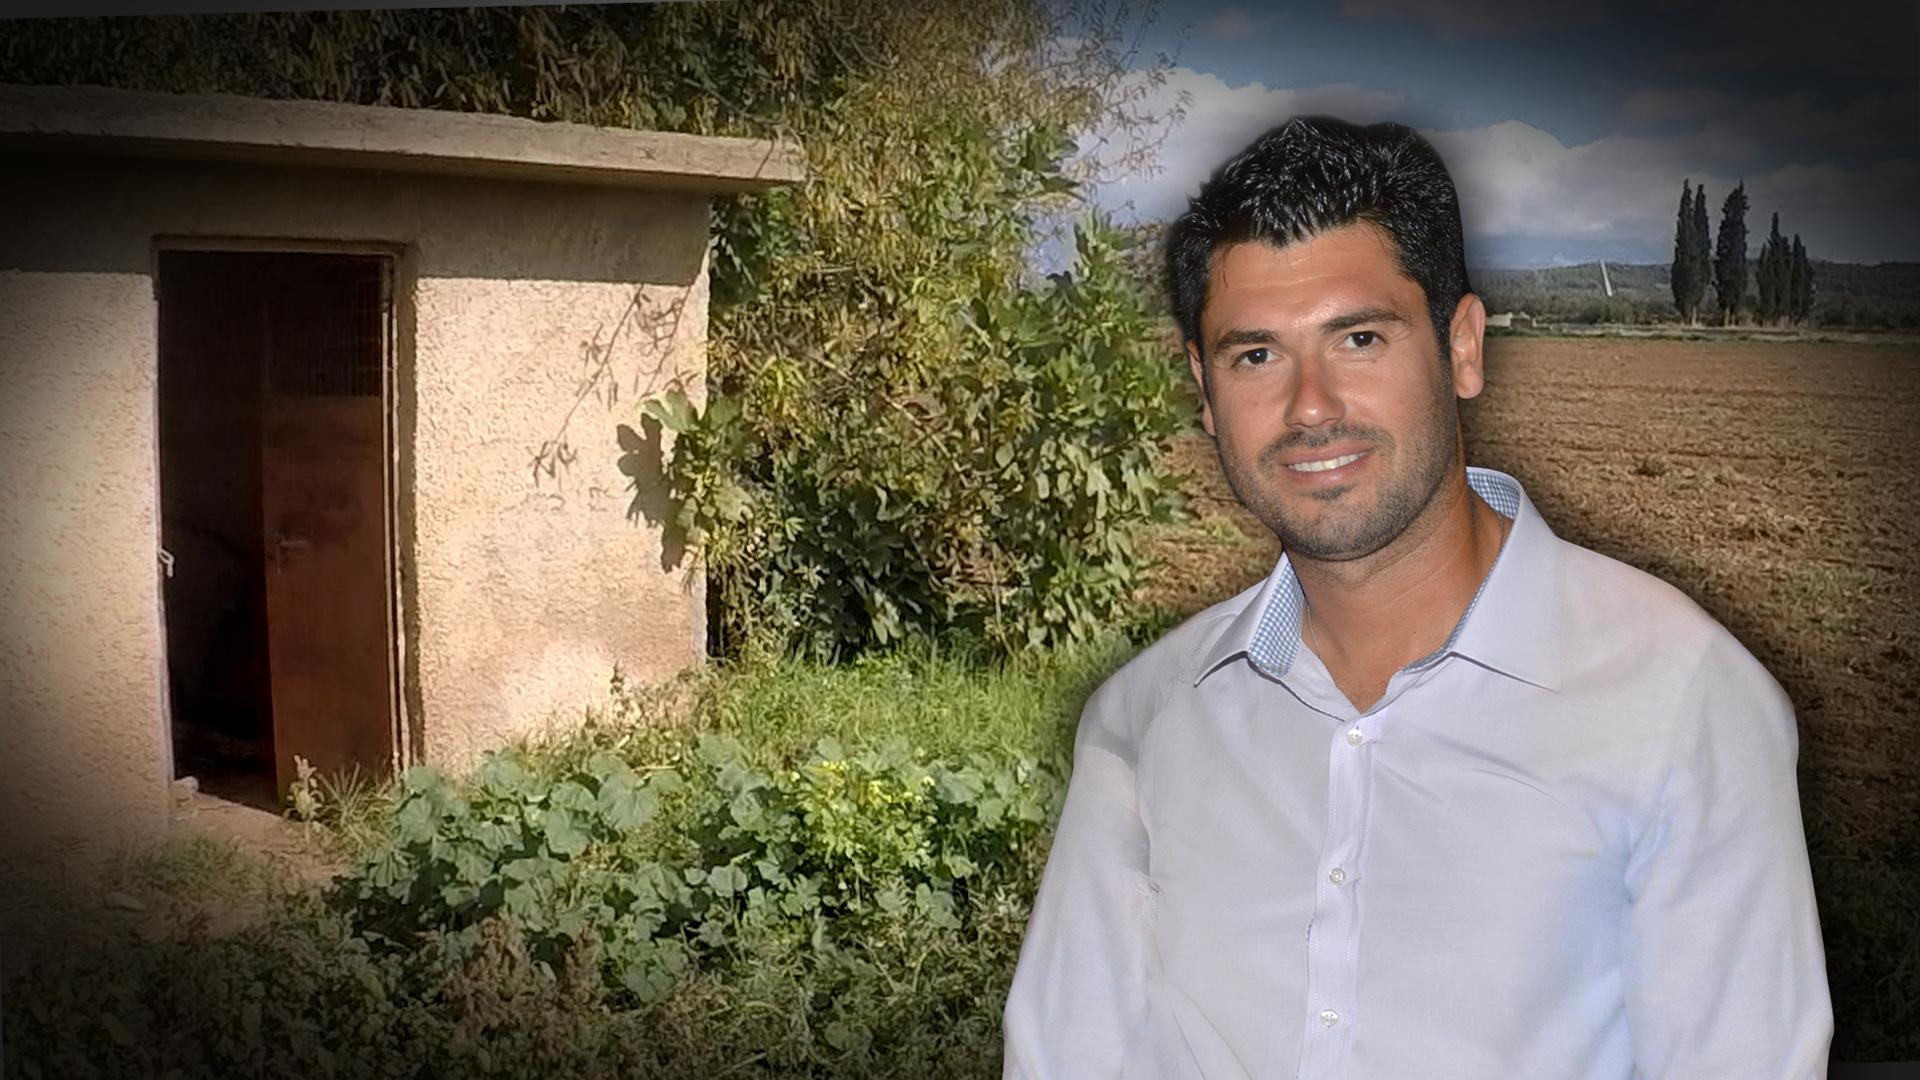 Βαγγέλης Σαλής – Φως στο τούνελ : Η δολοφονία του πατέρα που δολοφονήθηκε με φυτοφάρμακο